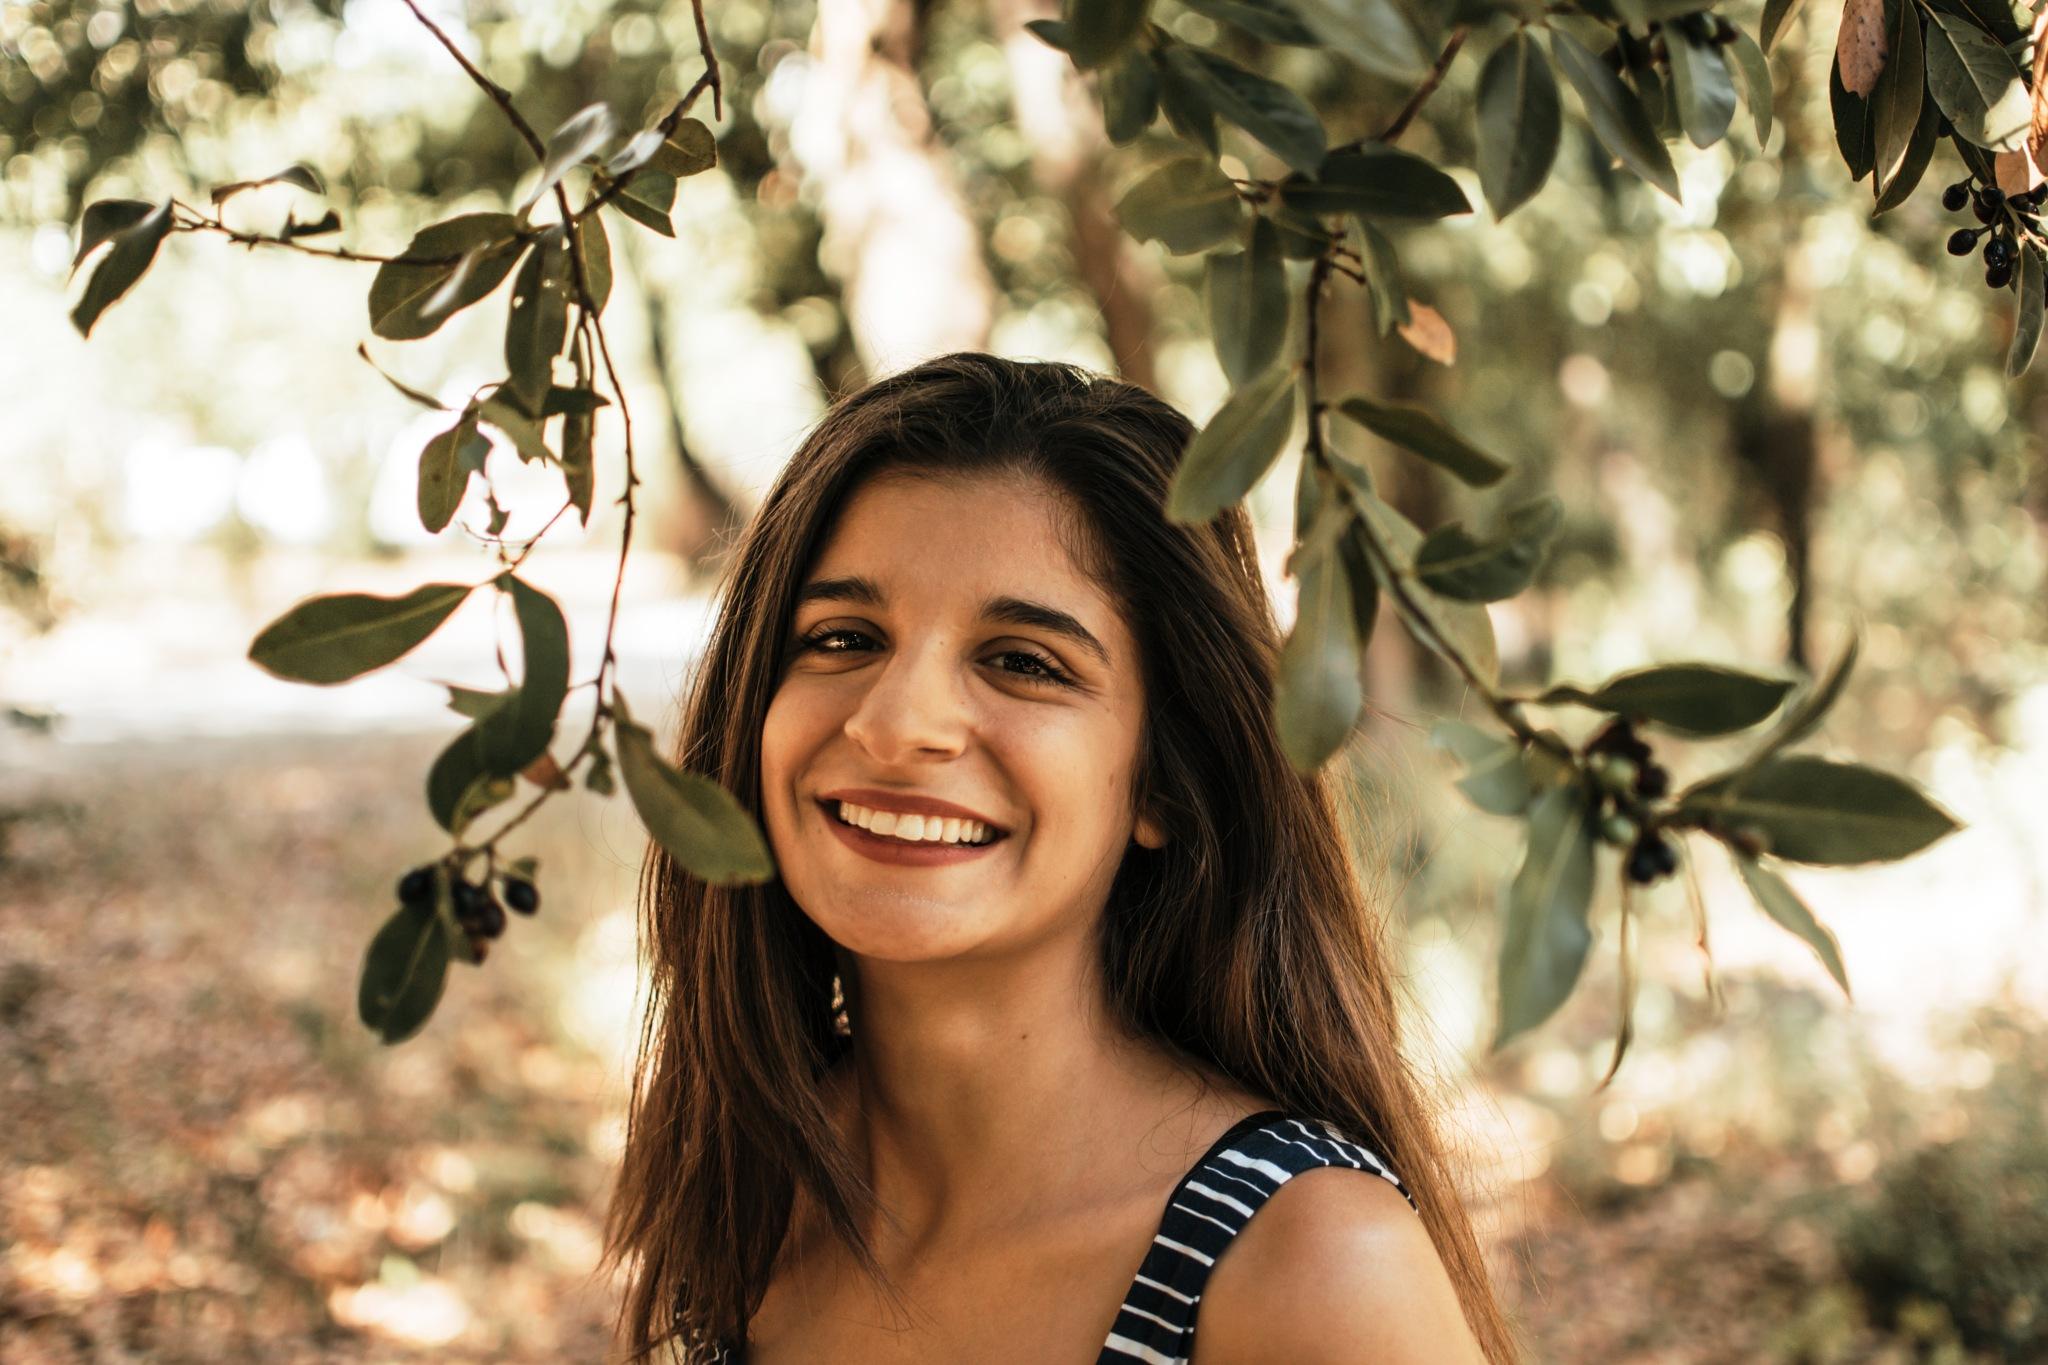 A Real Smile by Christy Kourkloglou